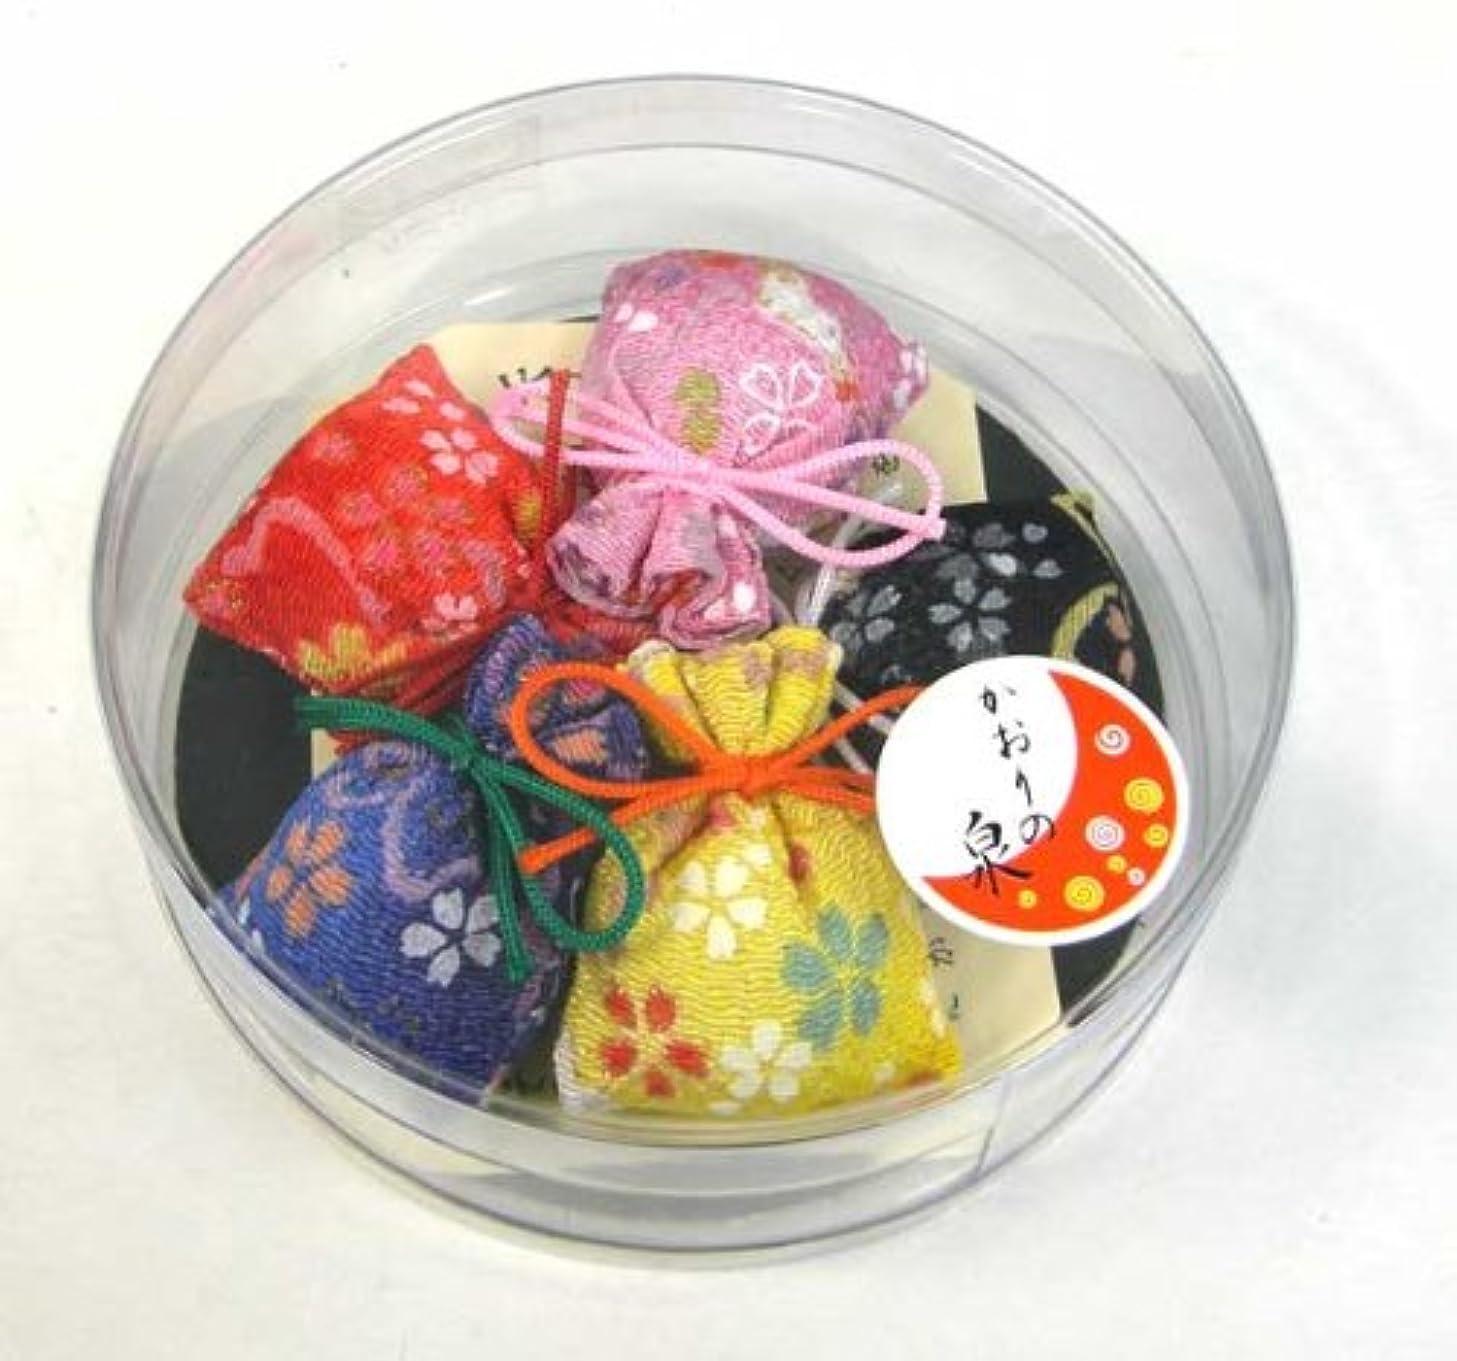 注文コーナー召喚する5個入り 香りの泉 匂い袋 小さな巾着入りお香 サシェ ポプリ 34-431